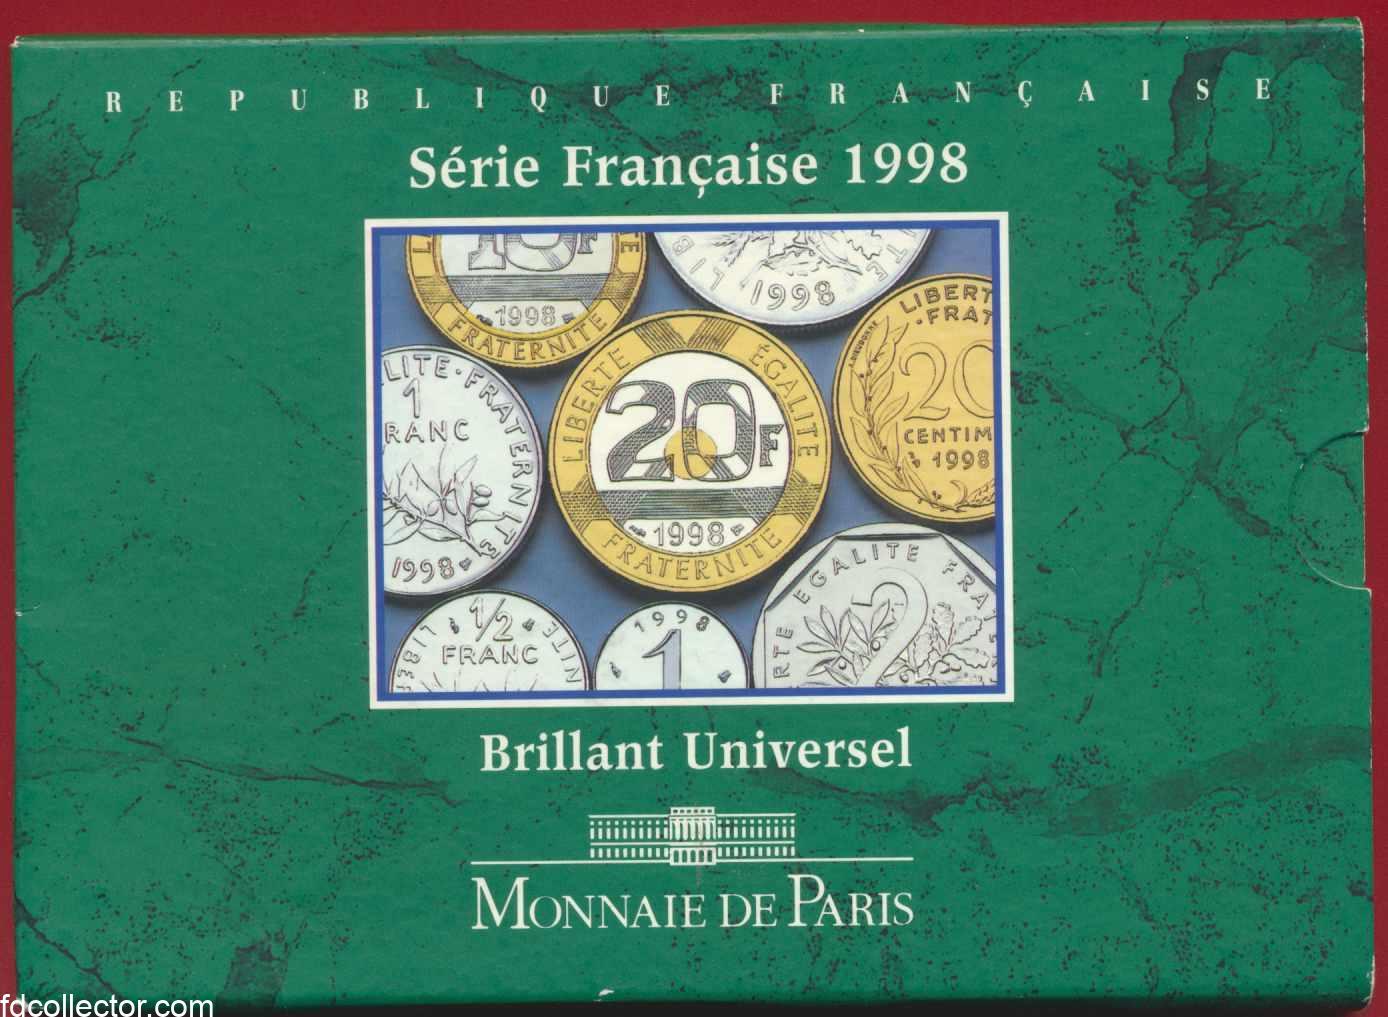 Coffret brillant universel 1998